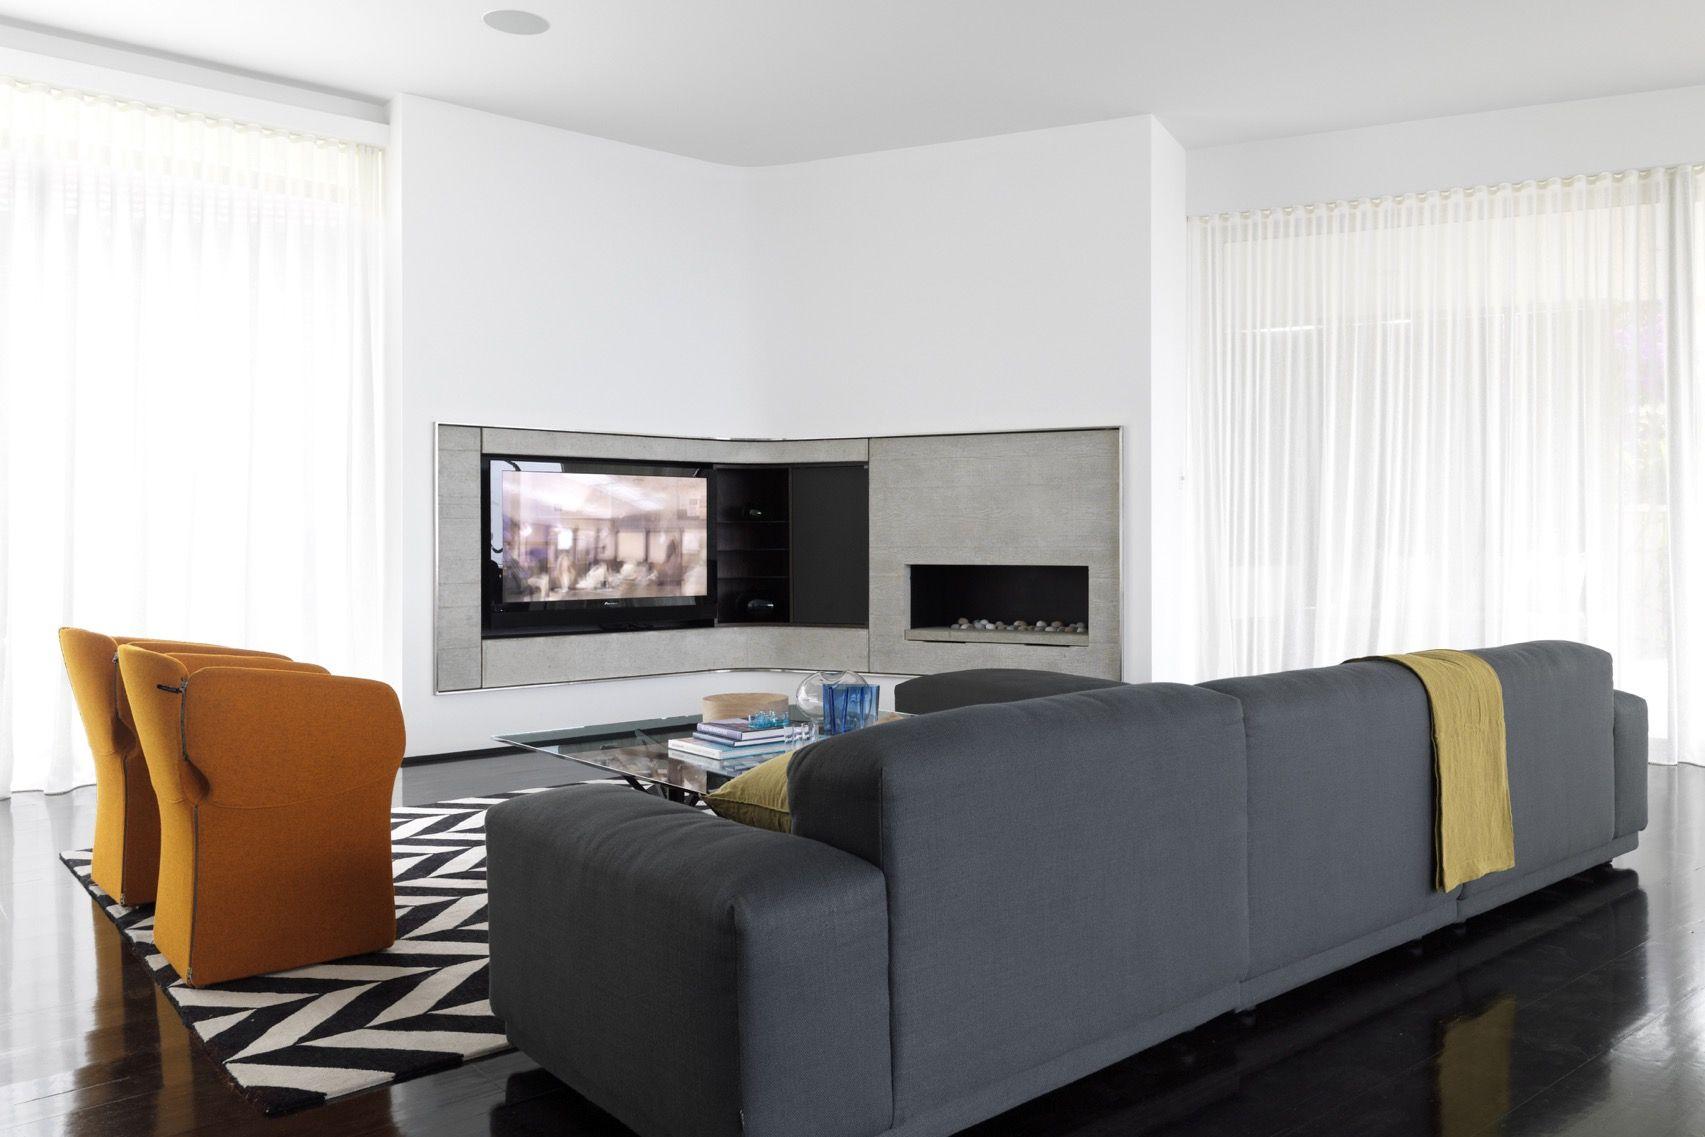 Bronte Beach Home Interior Design - Decus Interiors | Fireplace ...